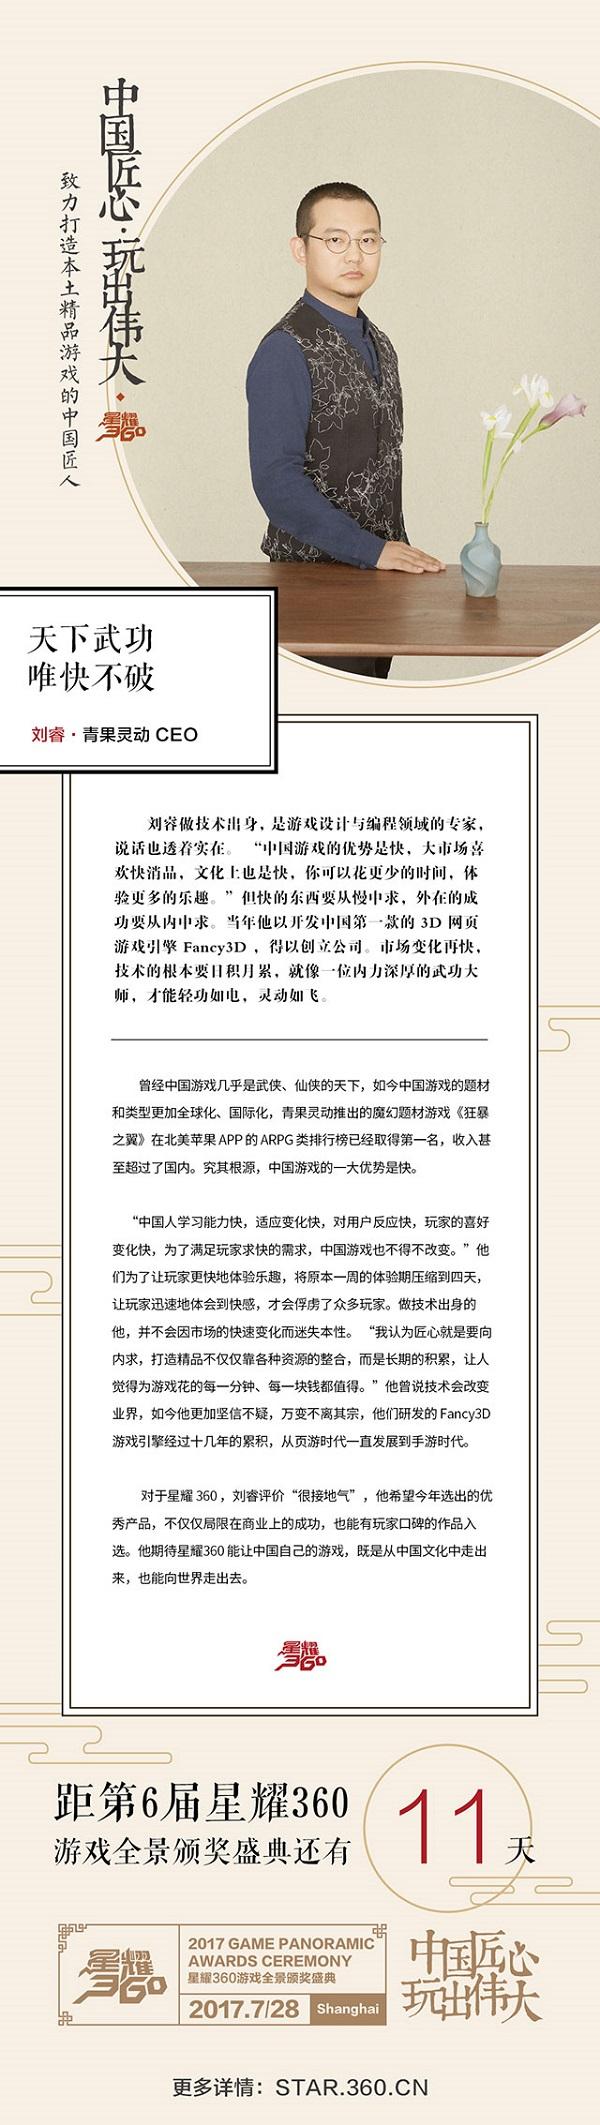 【中国游戏匠人访谈录】青果灵动刘睿:天下武功 唯快不破